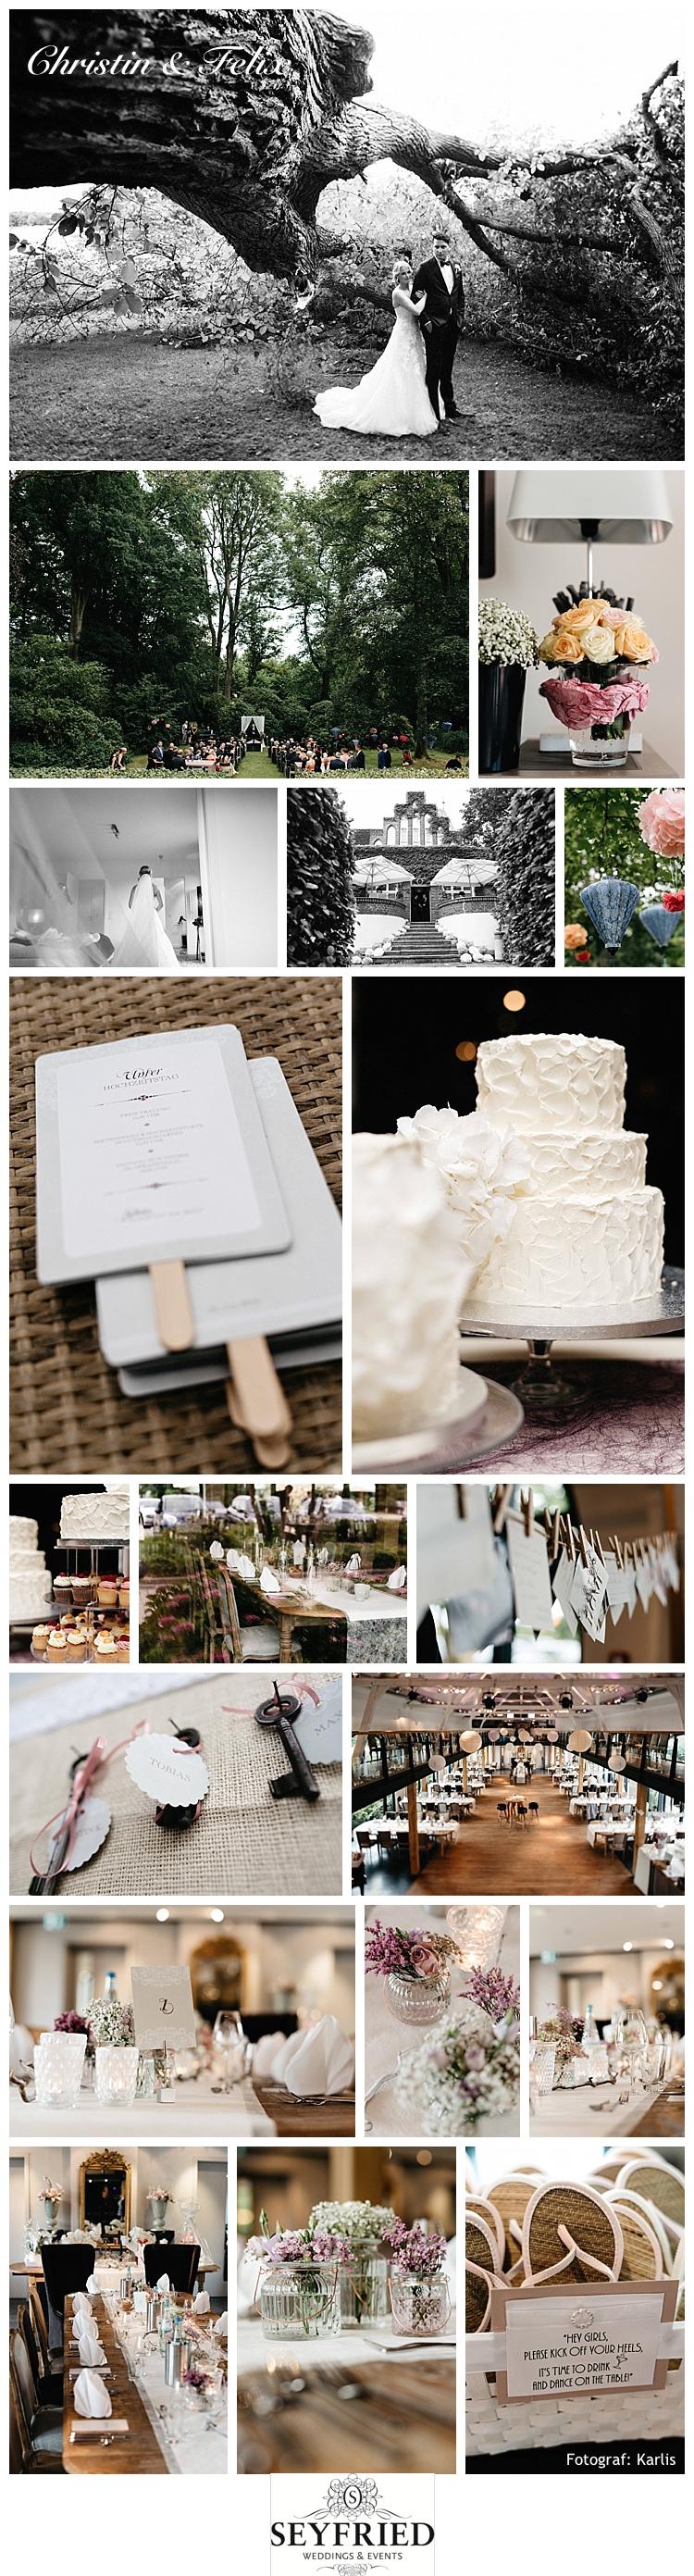 Hochzeitstorte, Hochzeitslocation, Oldenburg, Weddingplaner, Hochzeitsplanung,  Wedding Planer, Hochzeitsplanung, Weddingplanner, Traumhochzeit